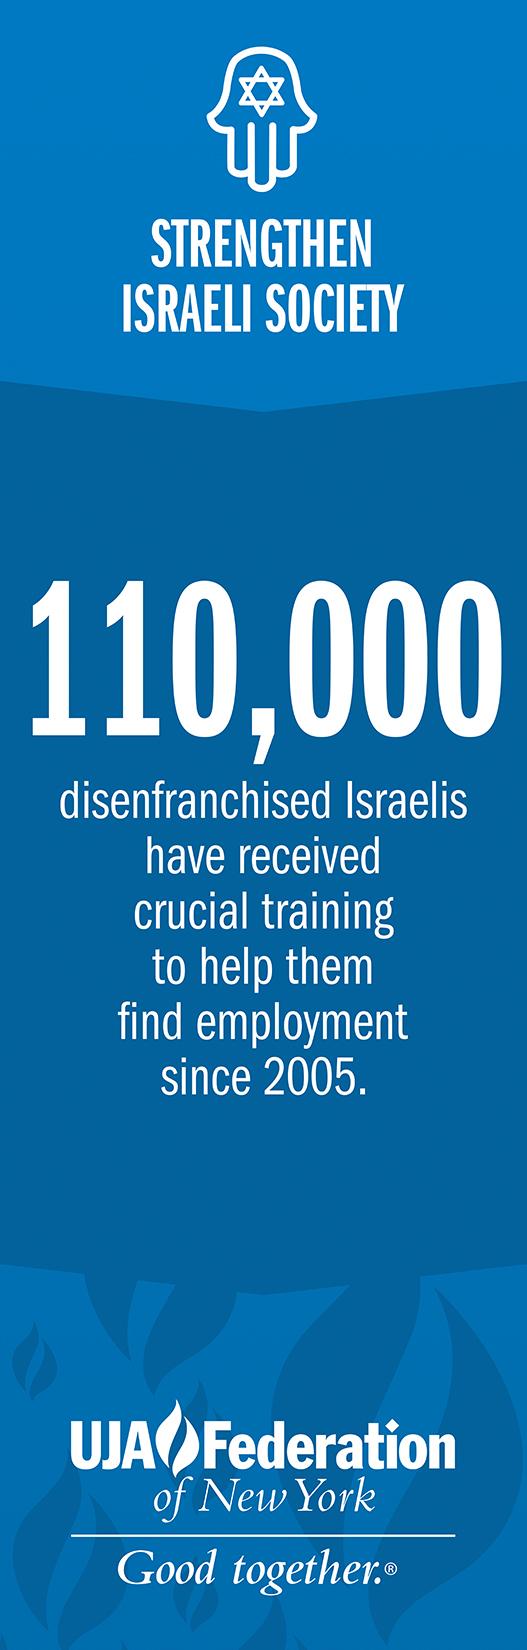 UJA Israeli Society Banner v02r05 BACK.jpg